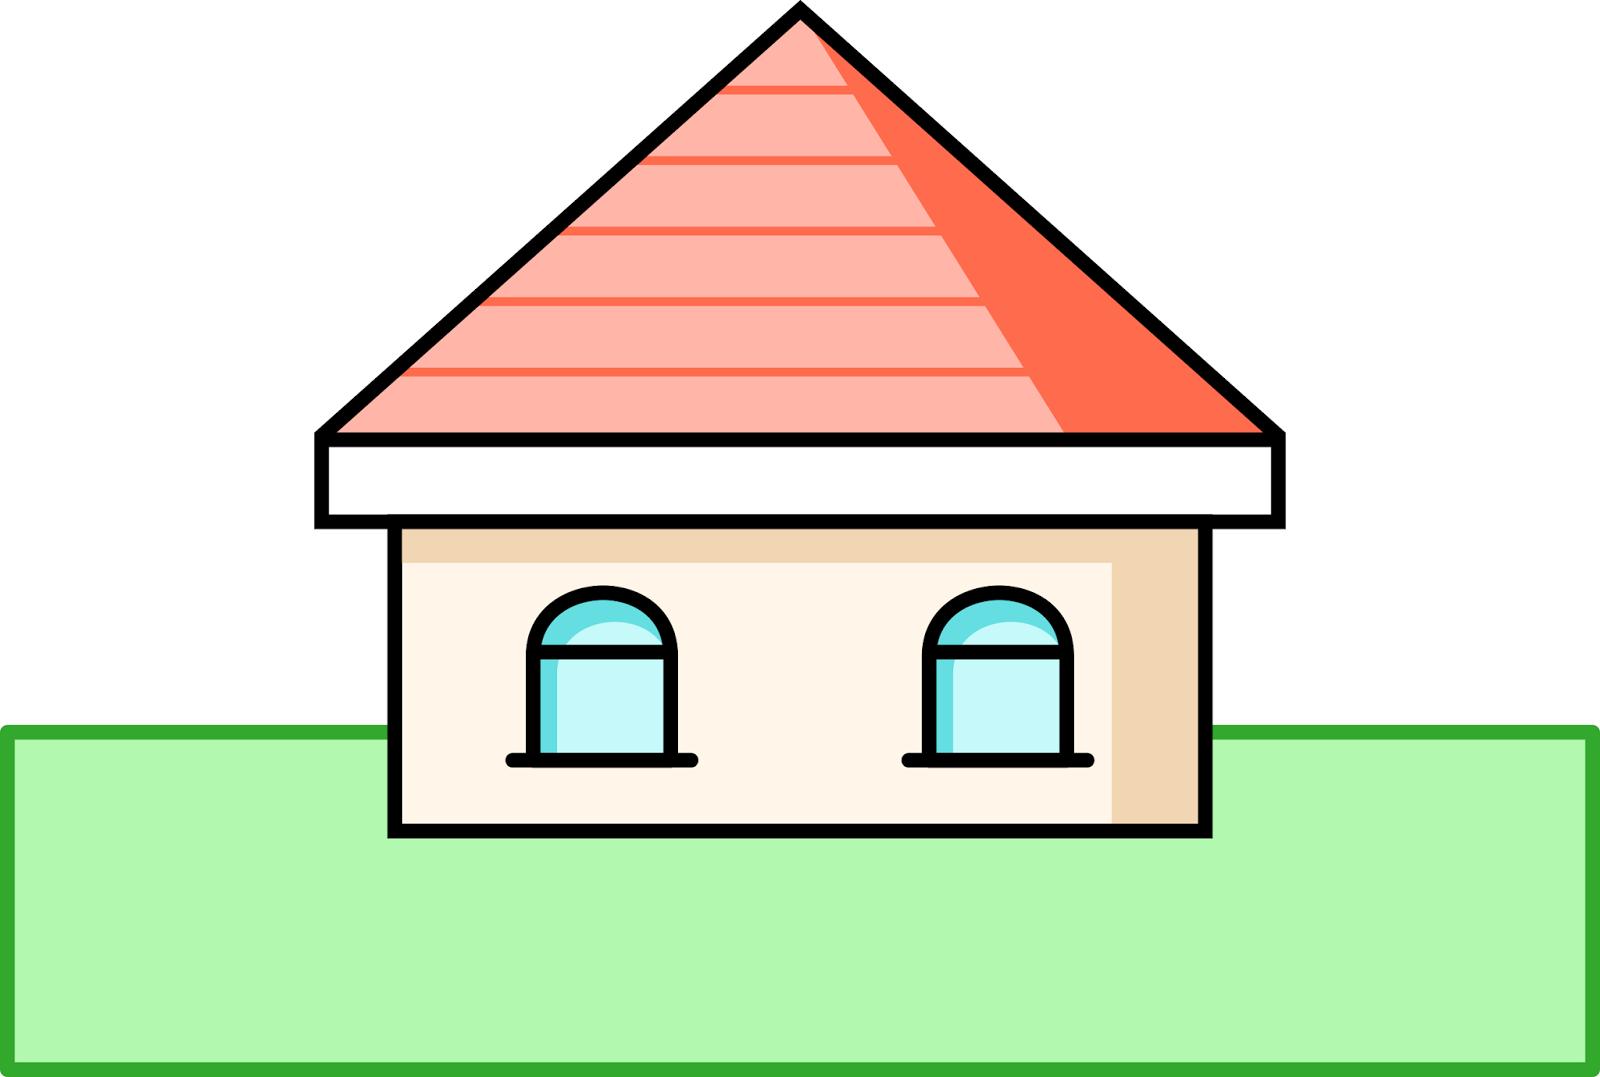 Troubleshot rom - Se pacser pour acheter une maison ...